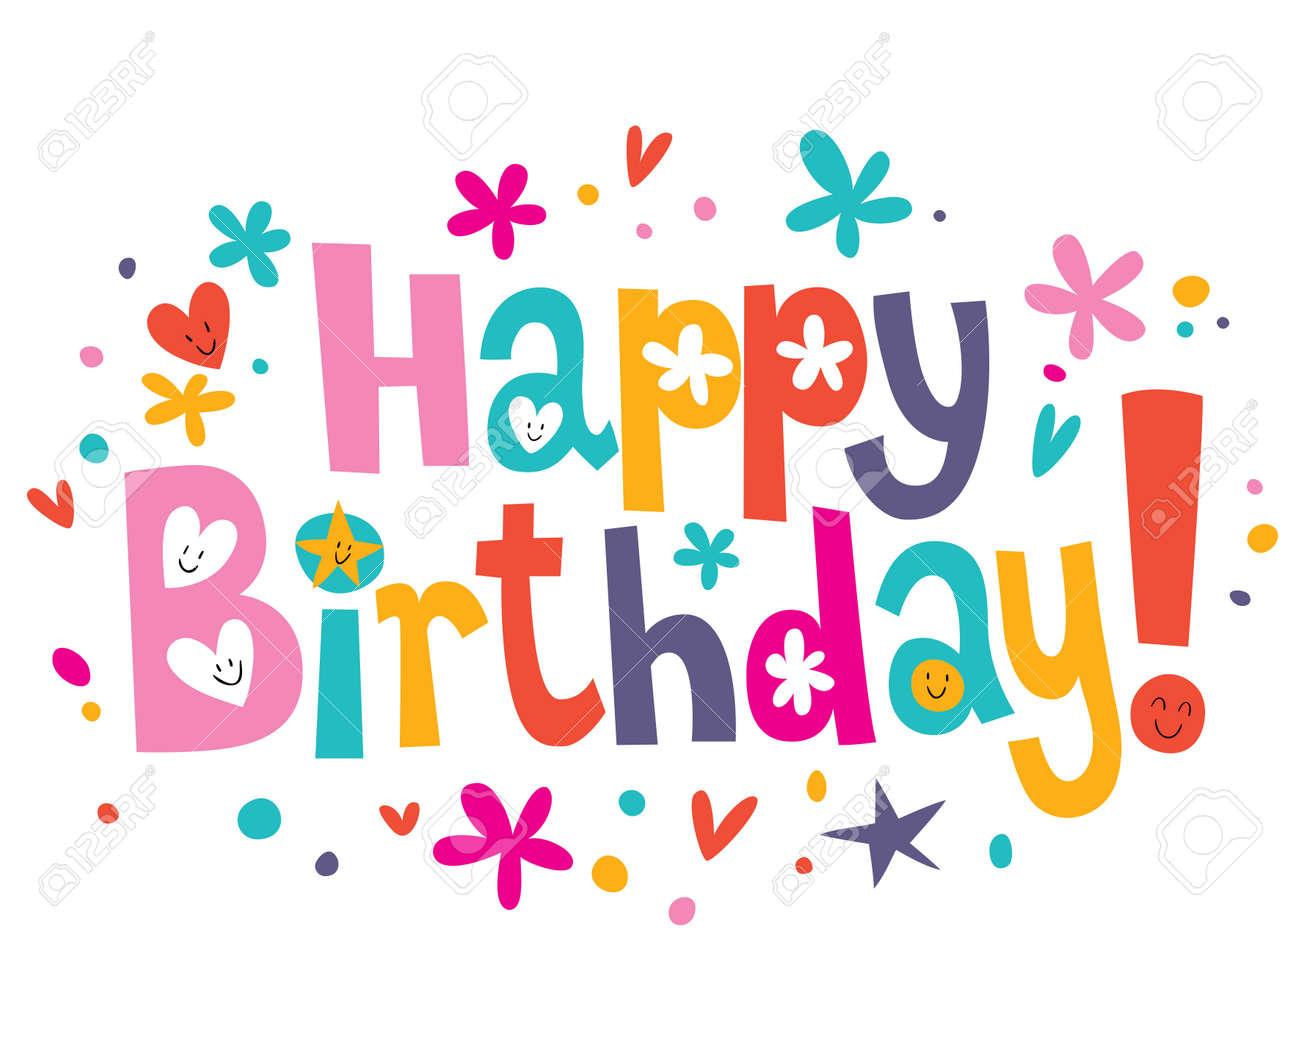 happy birthday jpg Happy Birthday Text Royalty Free Cliparts, Vectors, And Stock  happy birthday jpg